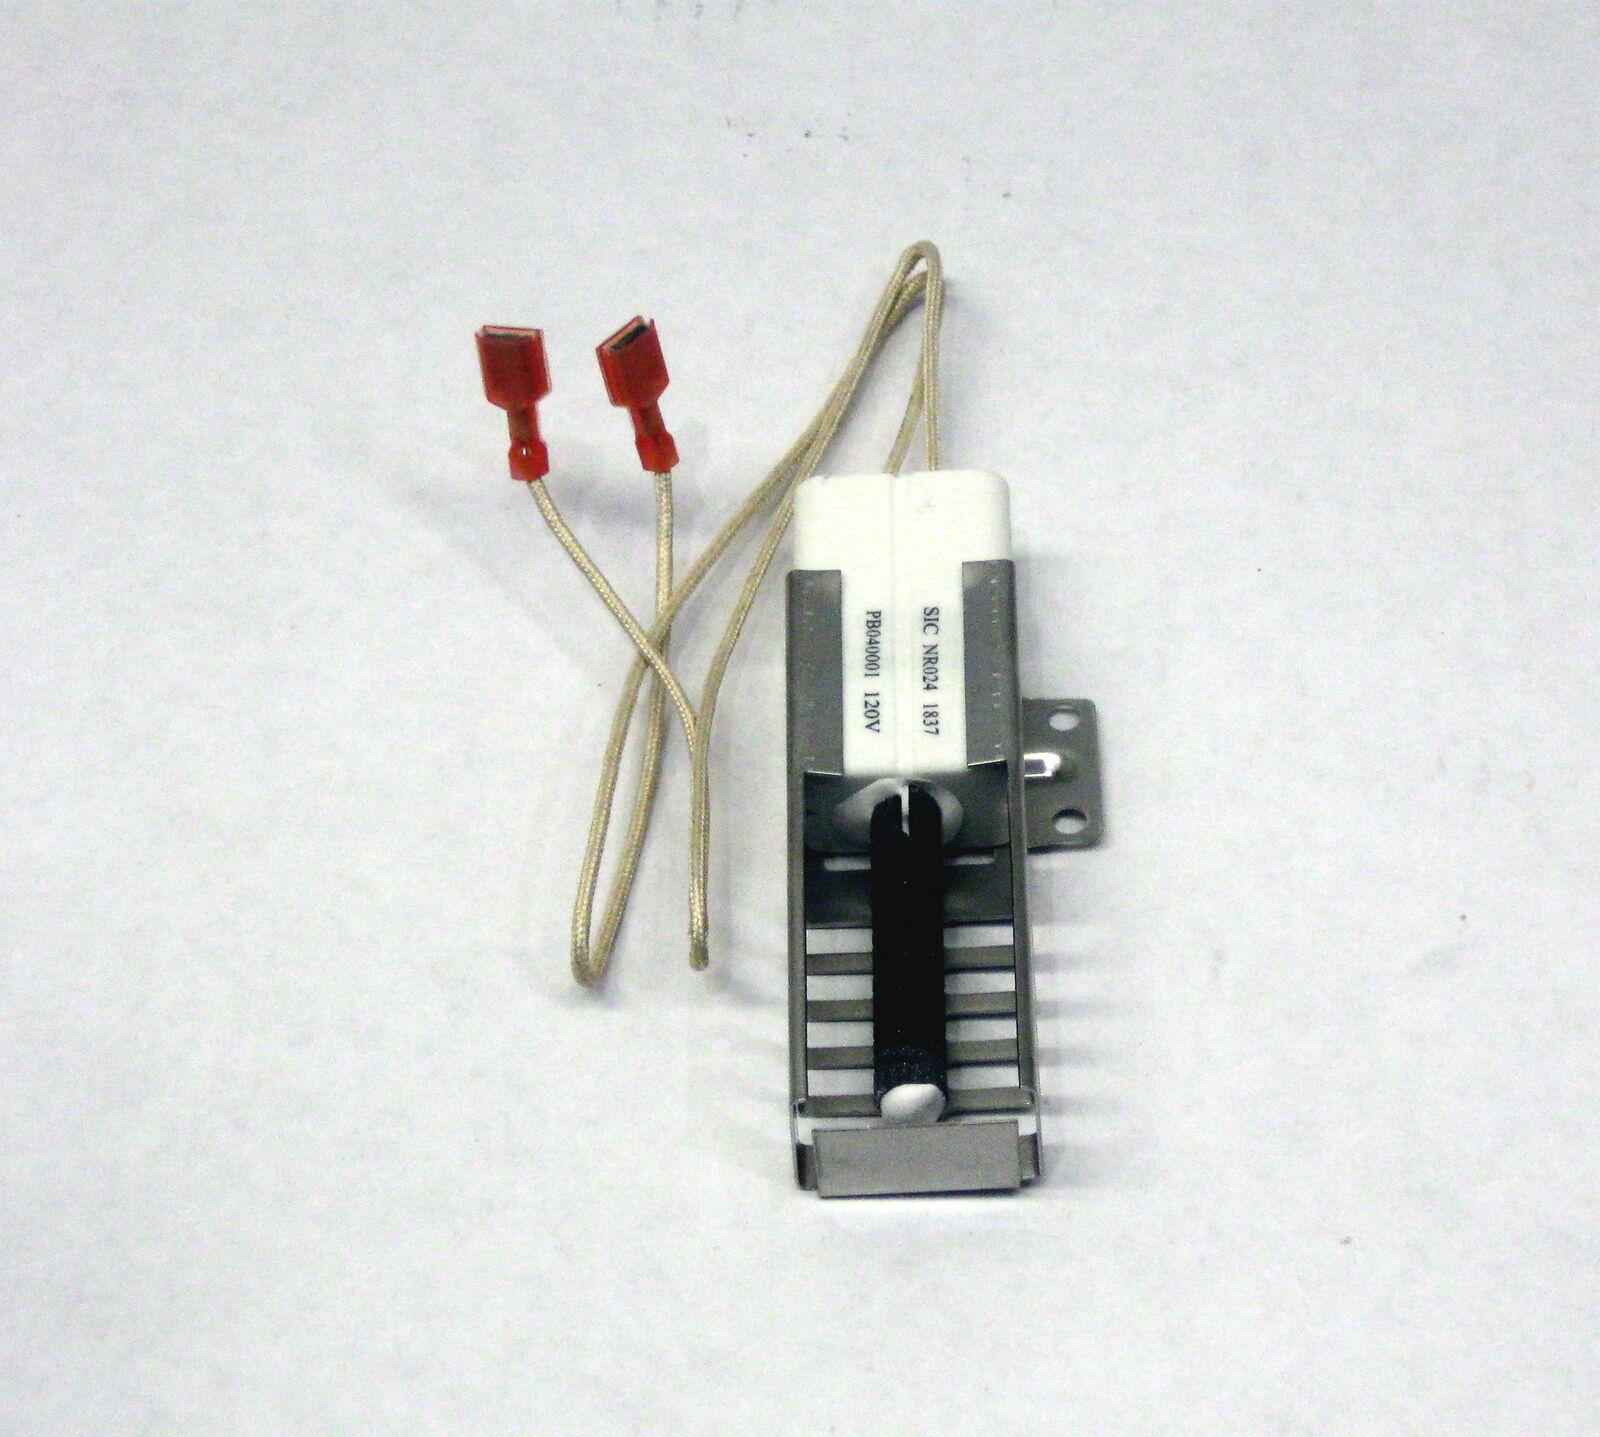 2 Pack PB040001 Gas Range Oven Igniter for Viking Range AP5315579